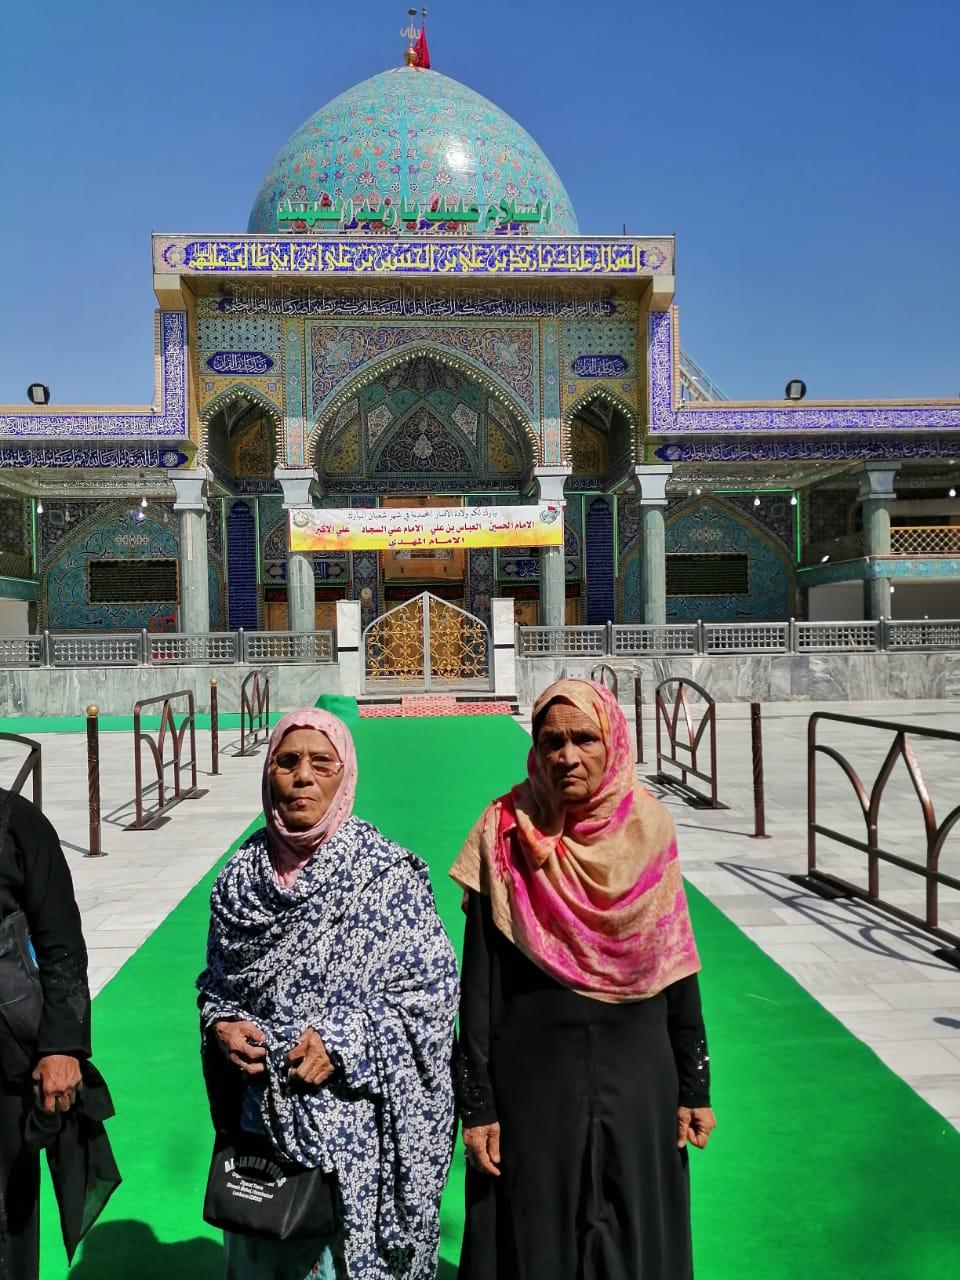 कर्बला का रोहानी सफ़र- जब इमाम हुसैन अस की विलादत के मौक़े पे हुसैनी लश्कर के कसीर मजमे ने मुबारकबाद पेश की